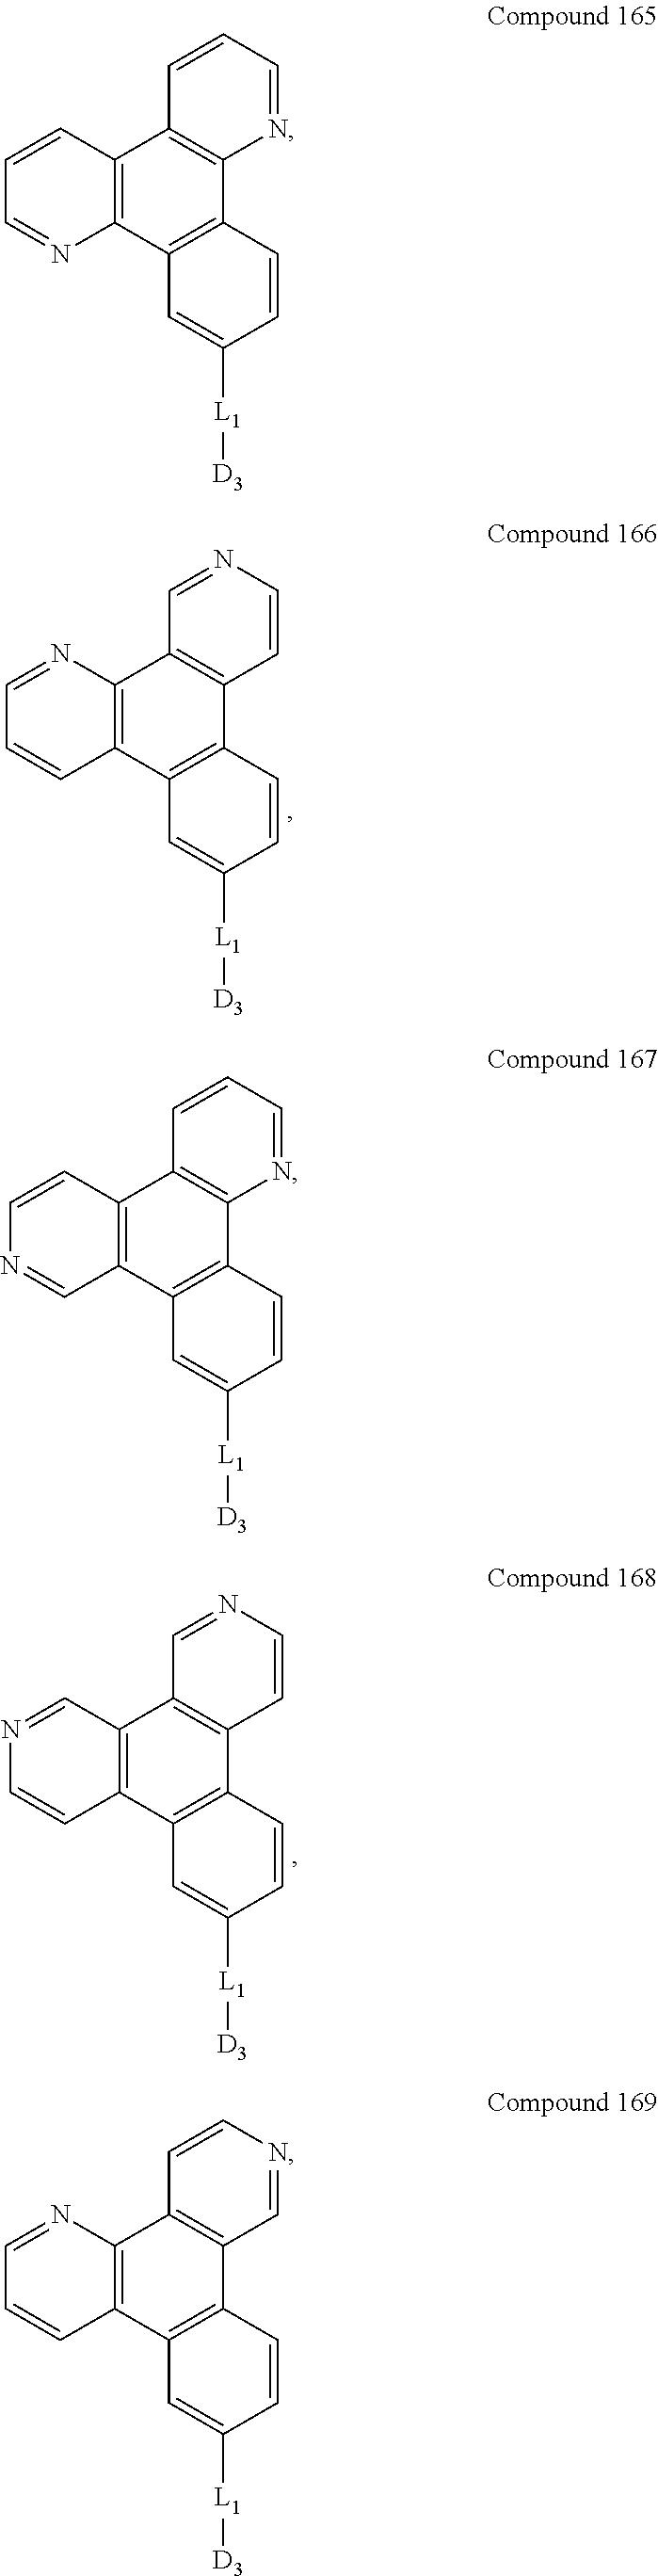 Figure US09537106-20170103-C00190